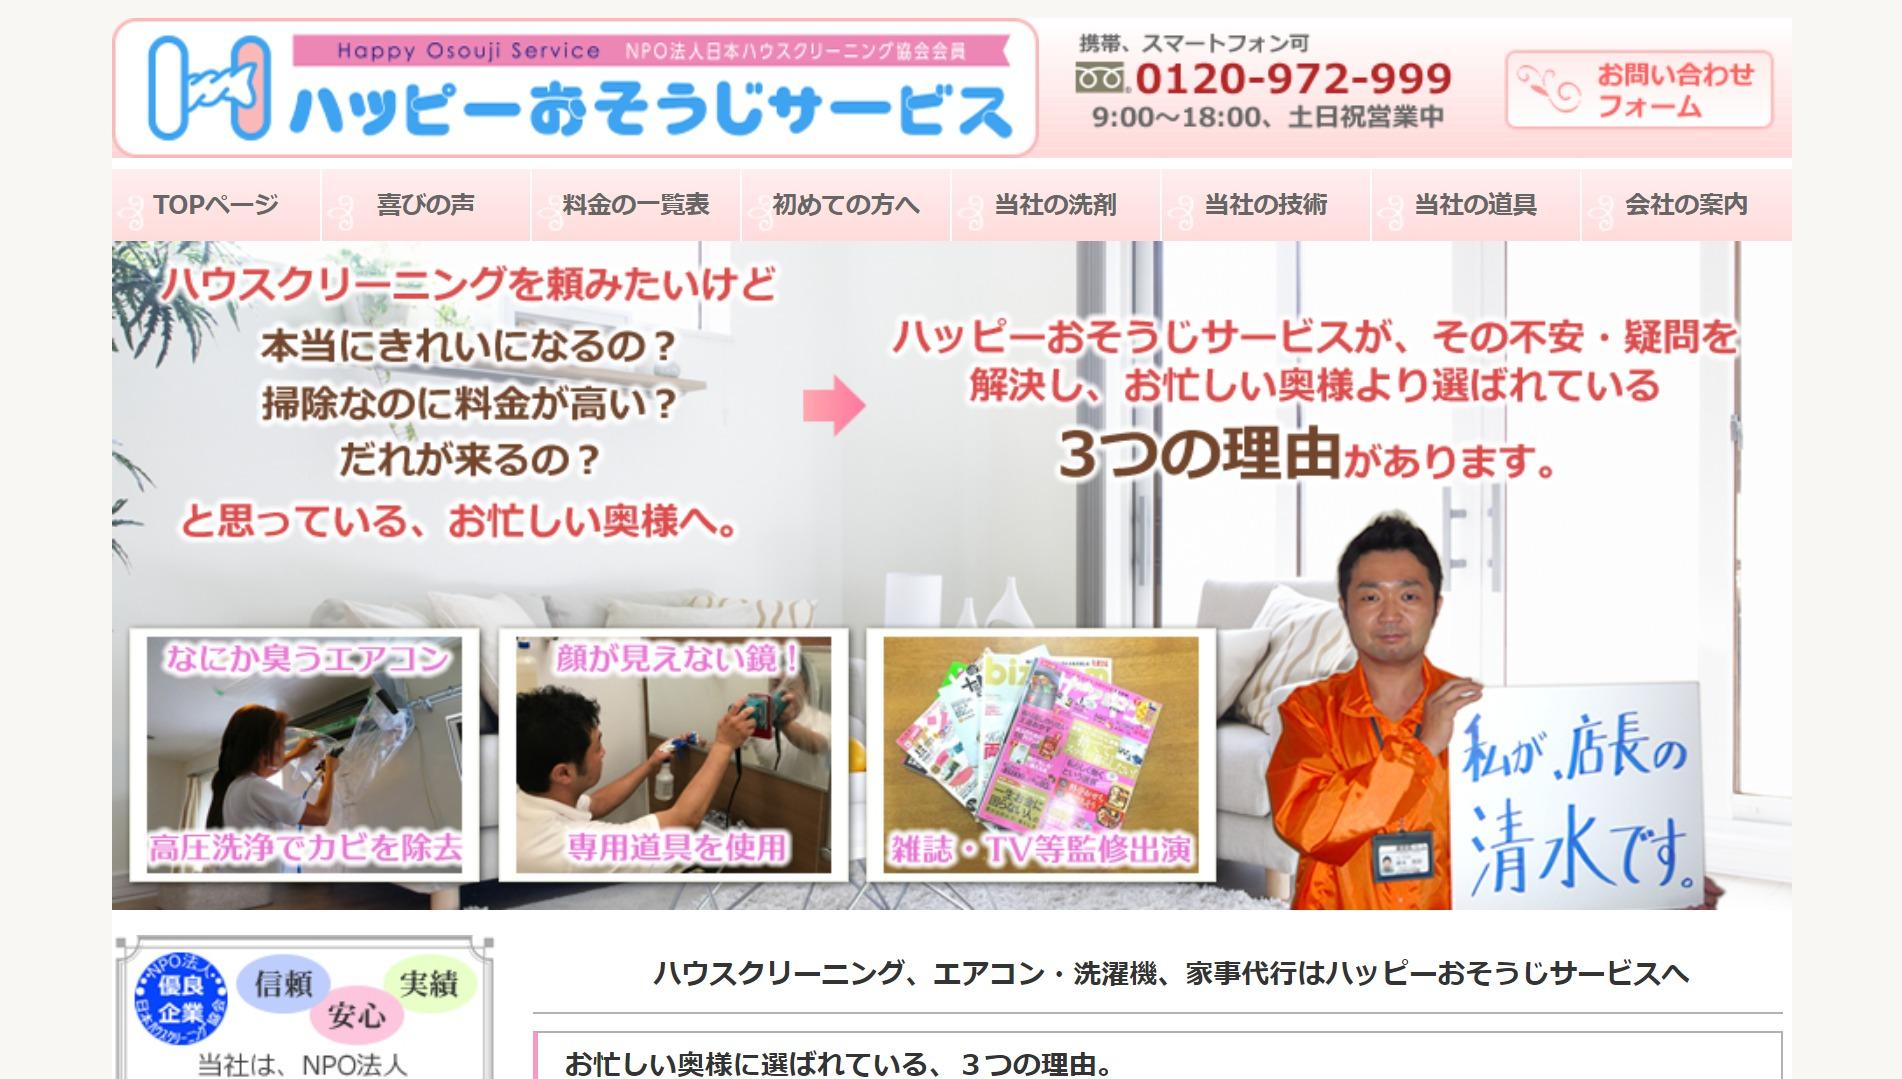 ハッピーおそうじサービス(埼玉県さいたま市岩槻区)